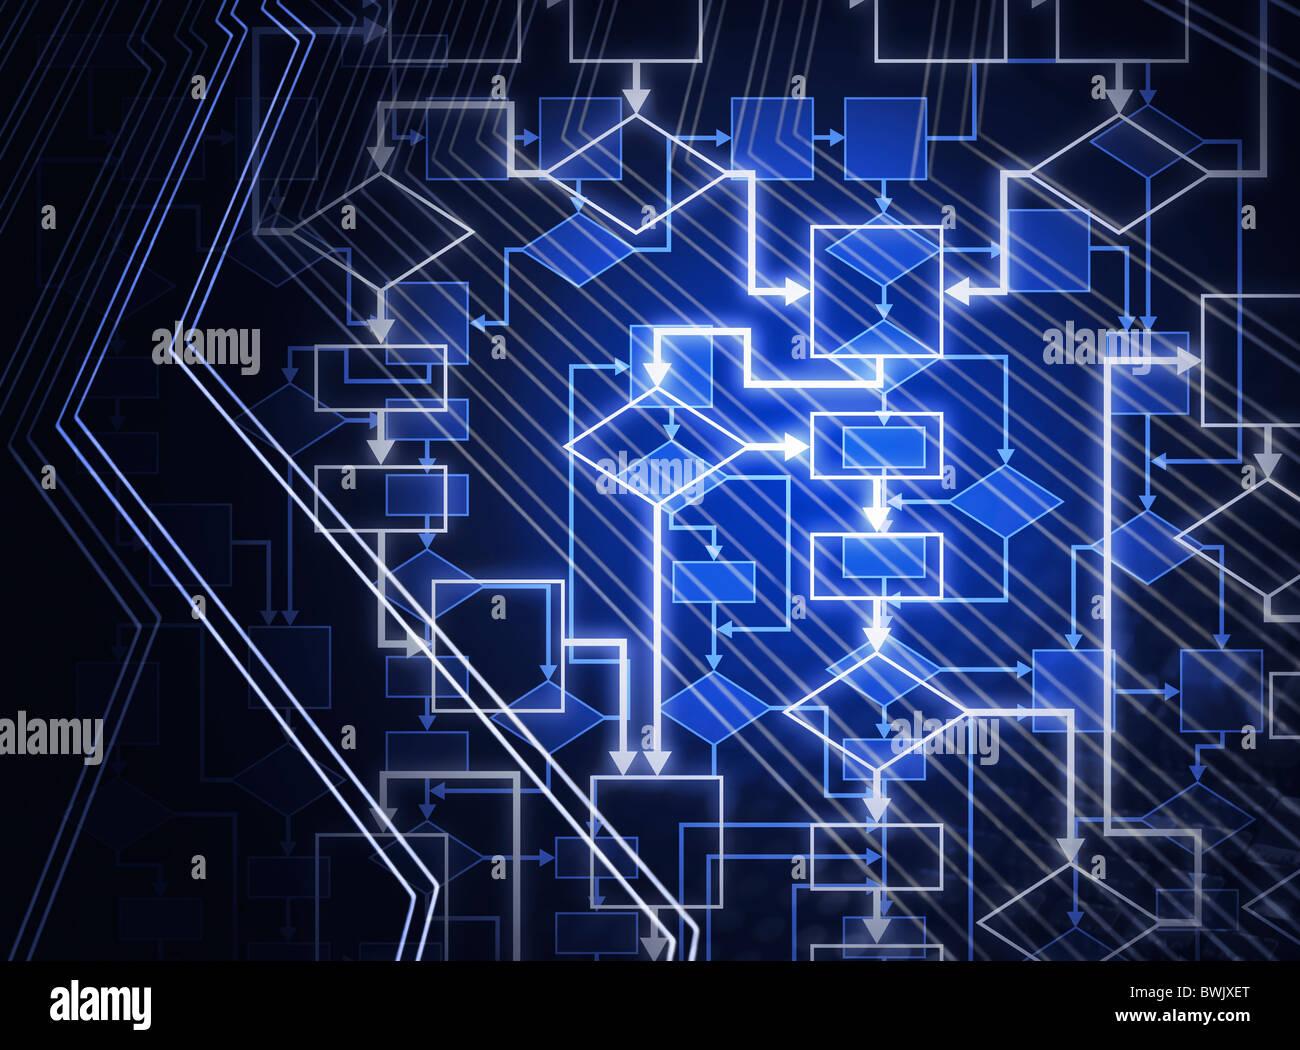 Digitalen Flussdiagramm abstrakte blauen Hintergrund. Computer Software-Algorithmus konzeptionelle Darstellung. Stockbild